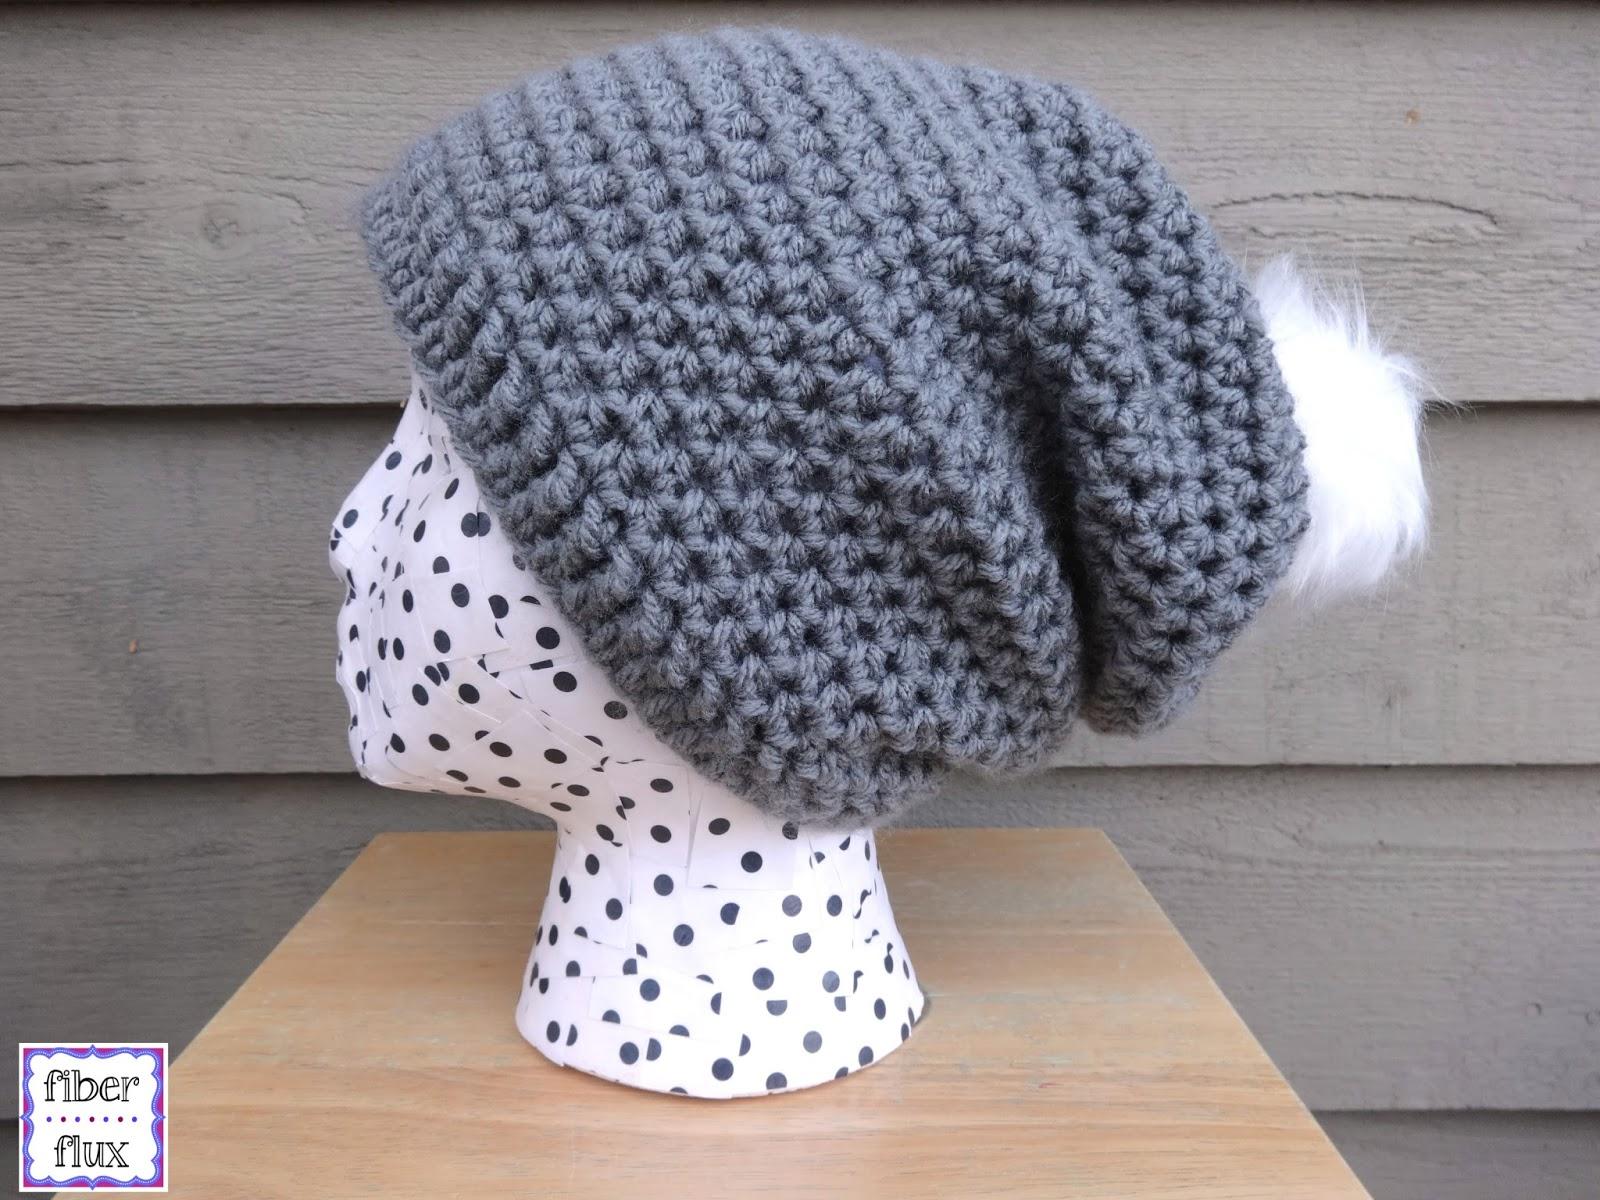 Fiber Flux  Free Crochet Pattern...Cottontail Slouch! 7cc2590651d